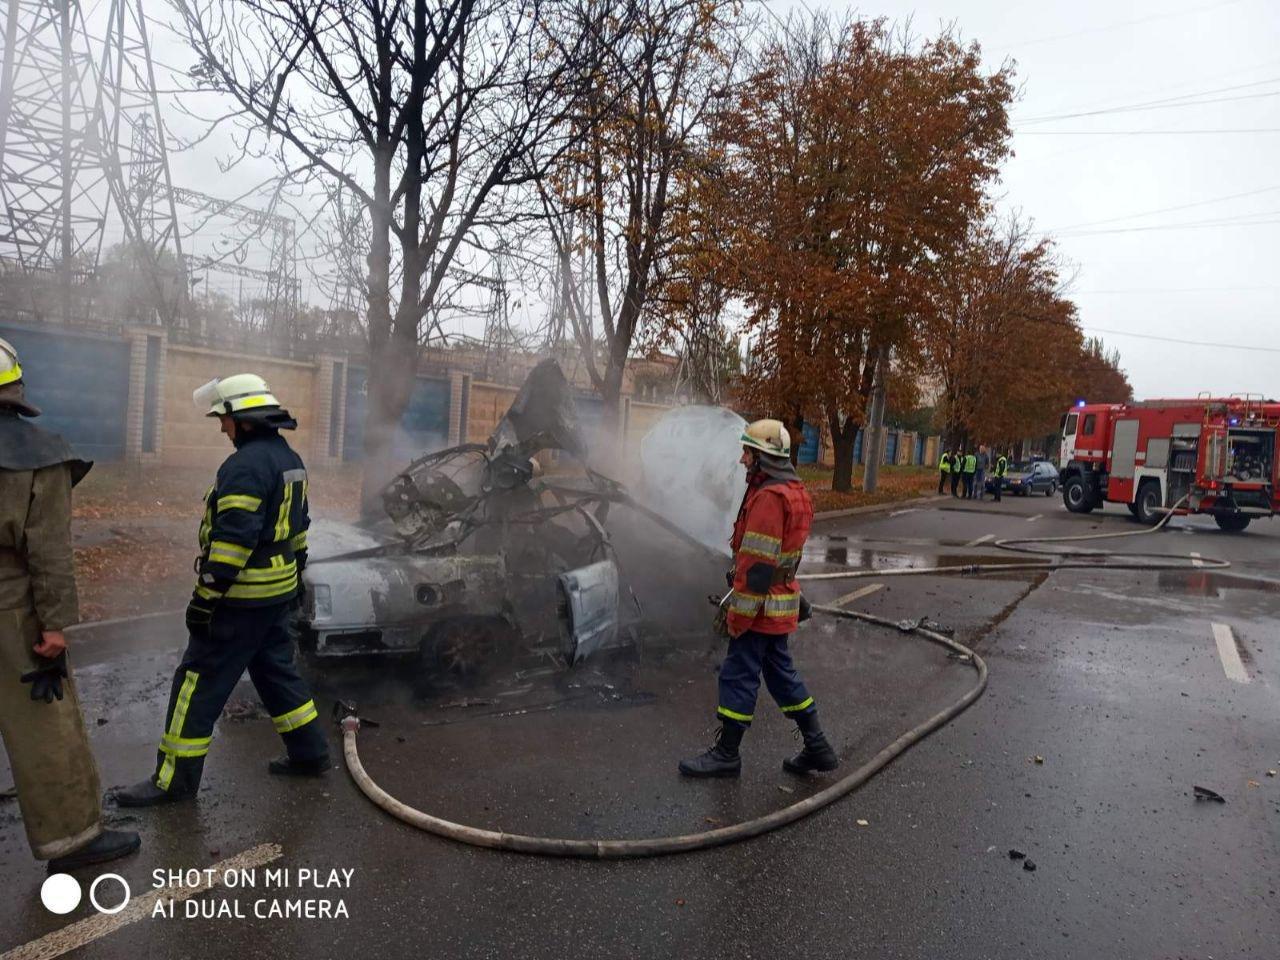 После столкновения с деревом в Кривом Роге сгорела иномарка. Водитель госпитализирована, - ФОТО, ВИДЕО, фото-3